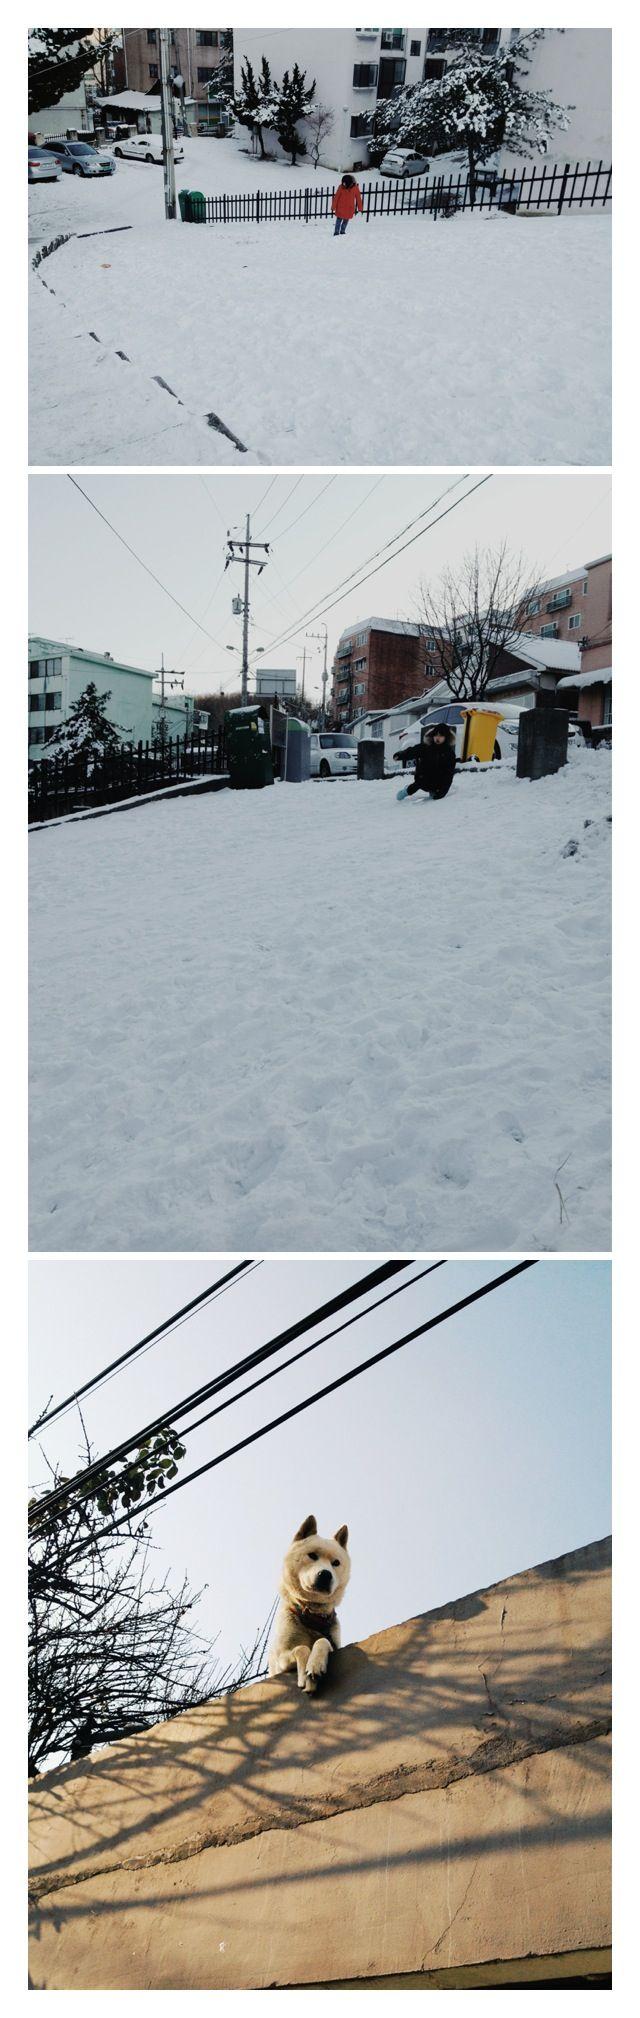 My hometown in Winter